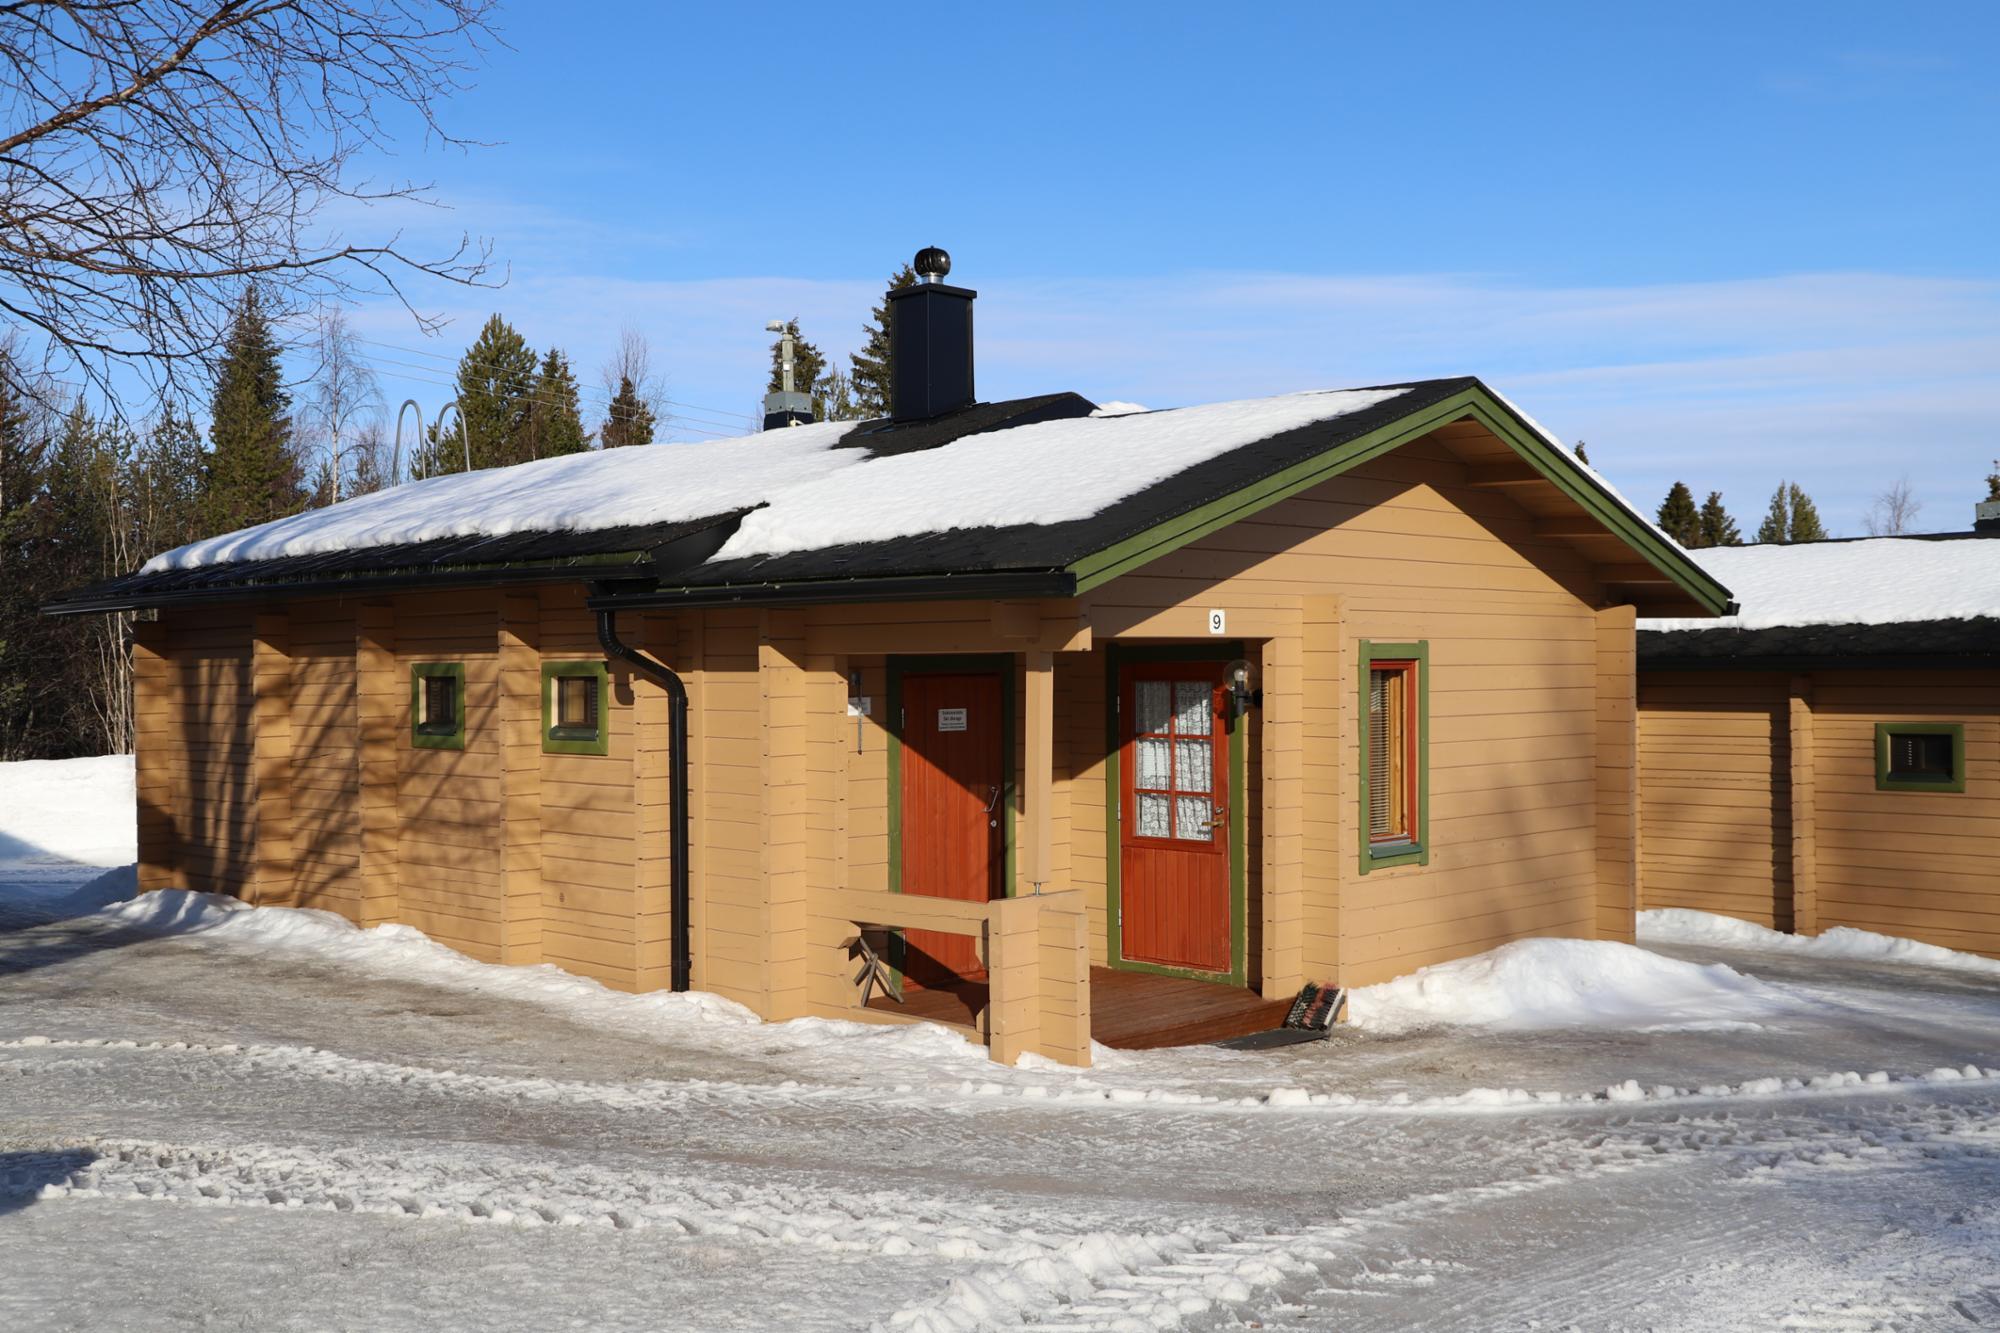 Matkailumaja Heikkala cottage 4+1 person